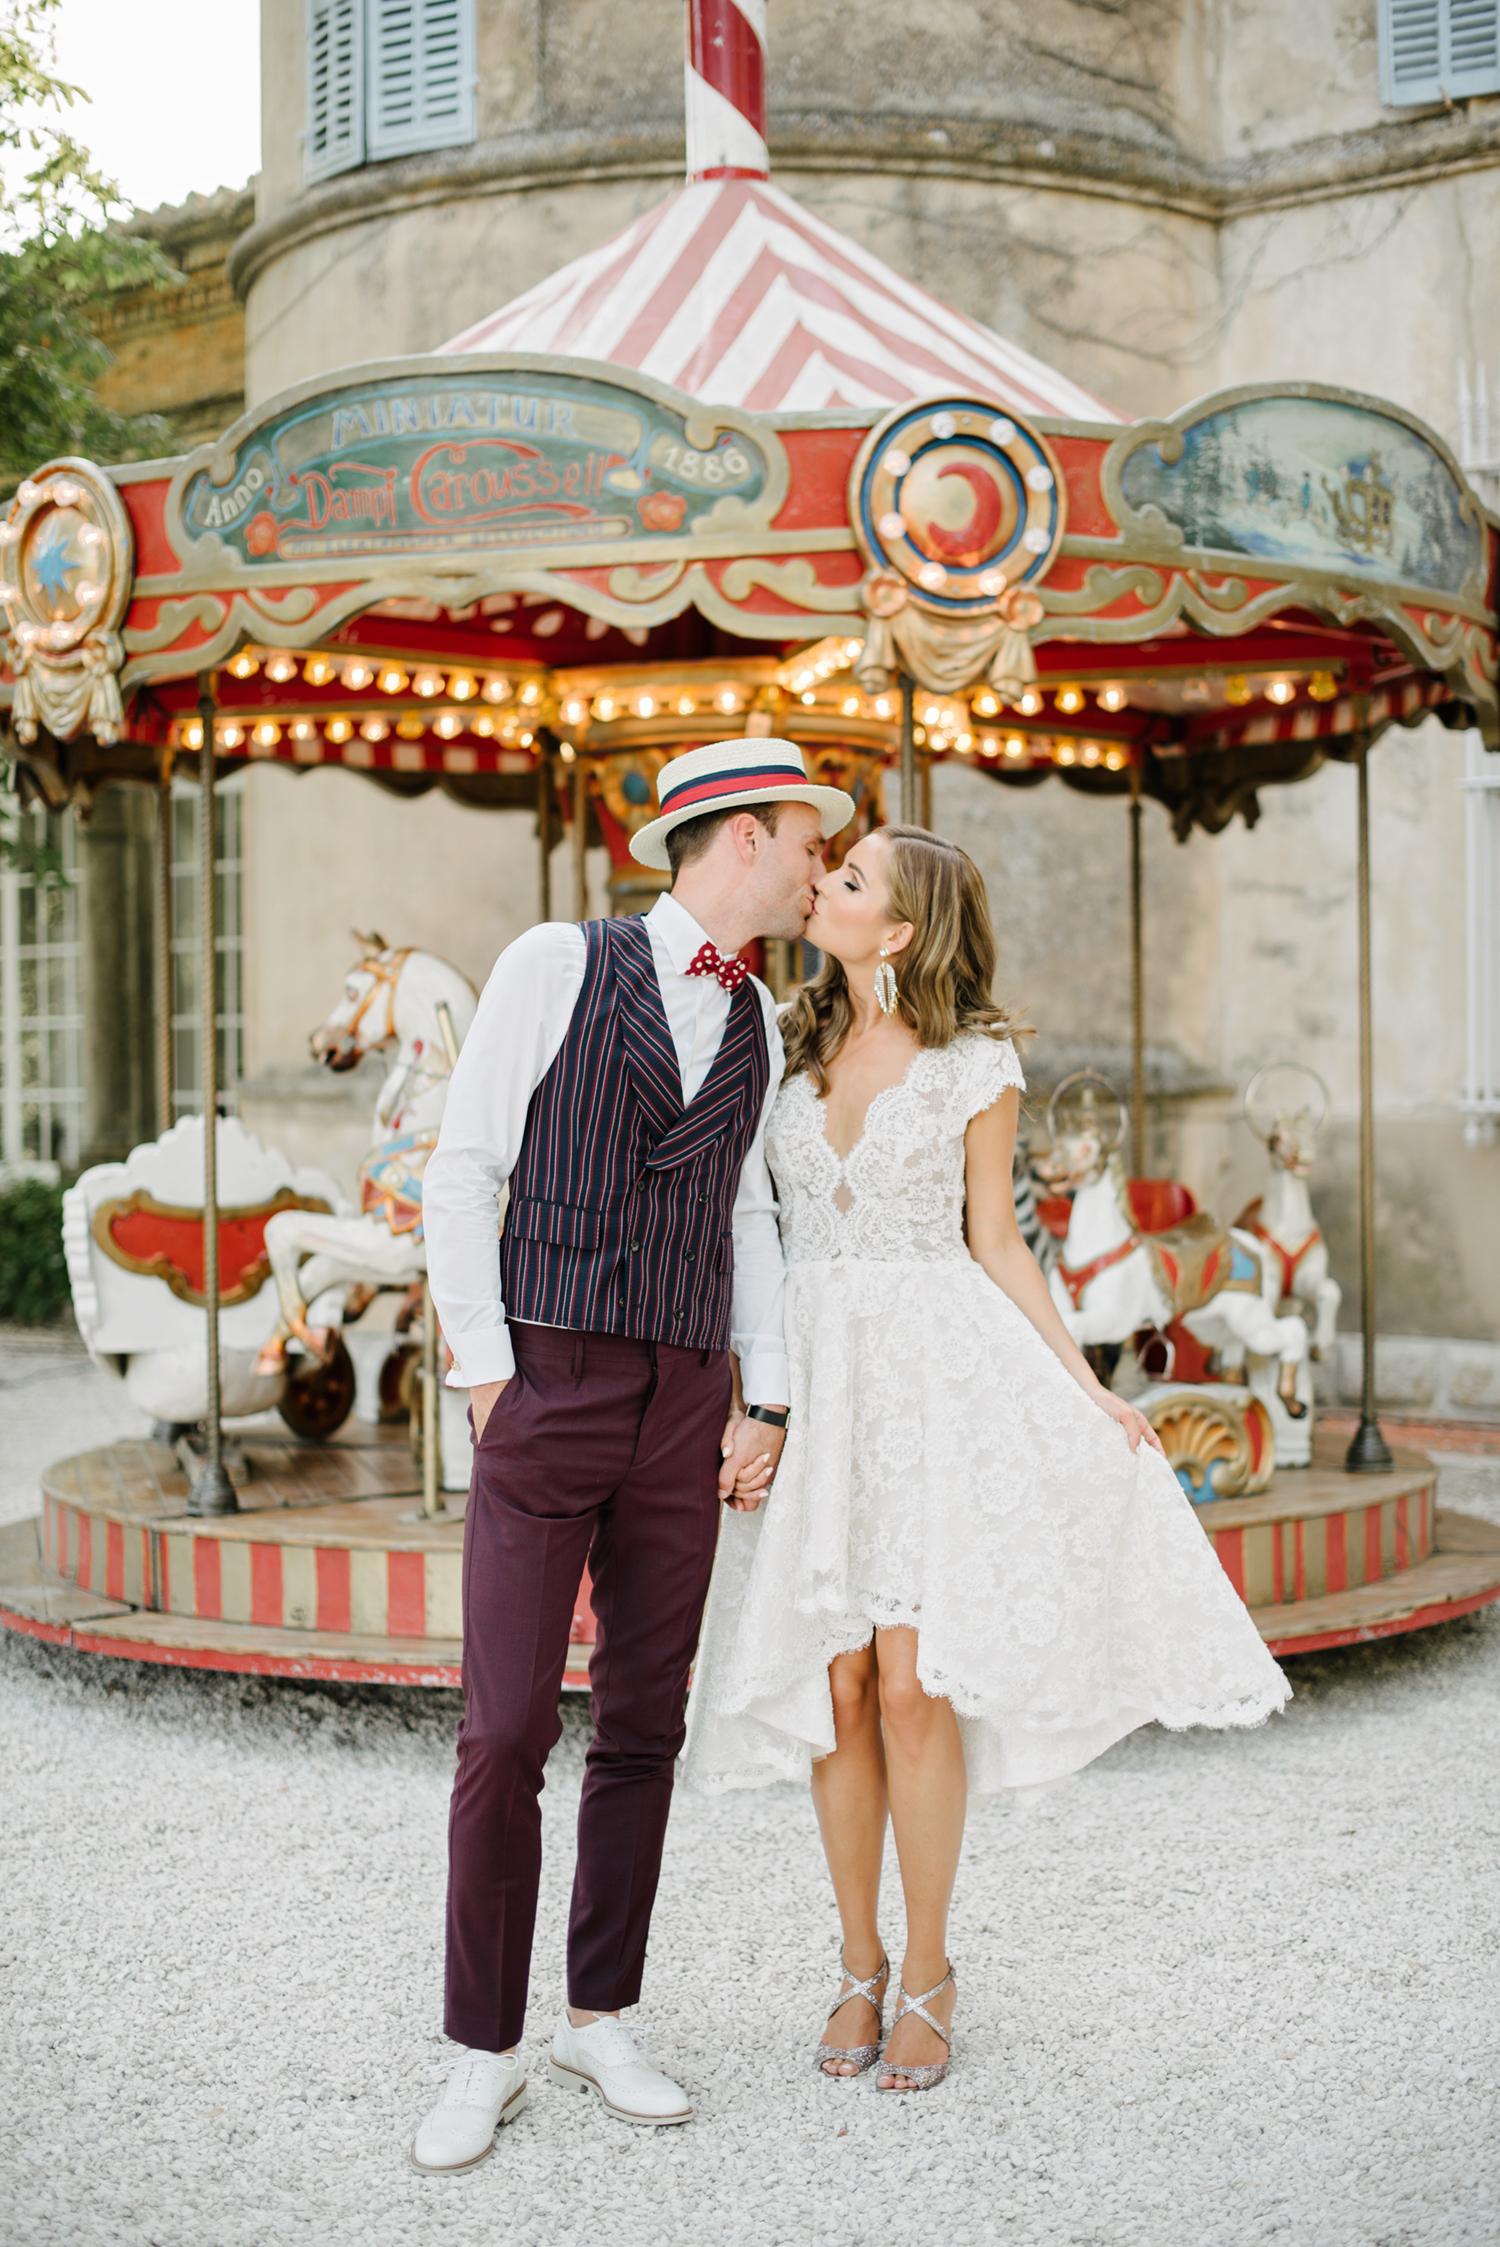 Chateau-Robernier-Wedding-Photography-0036.jpg